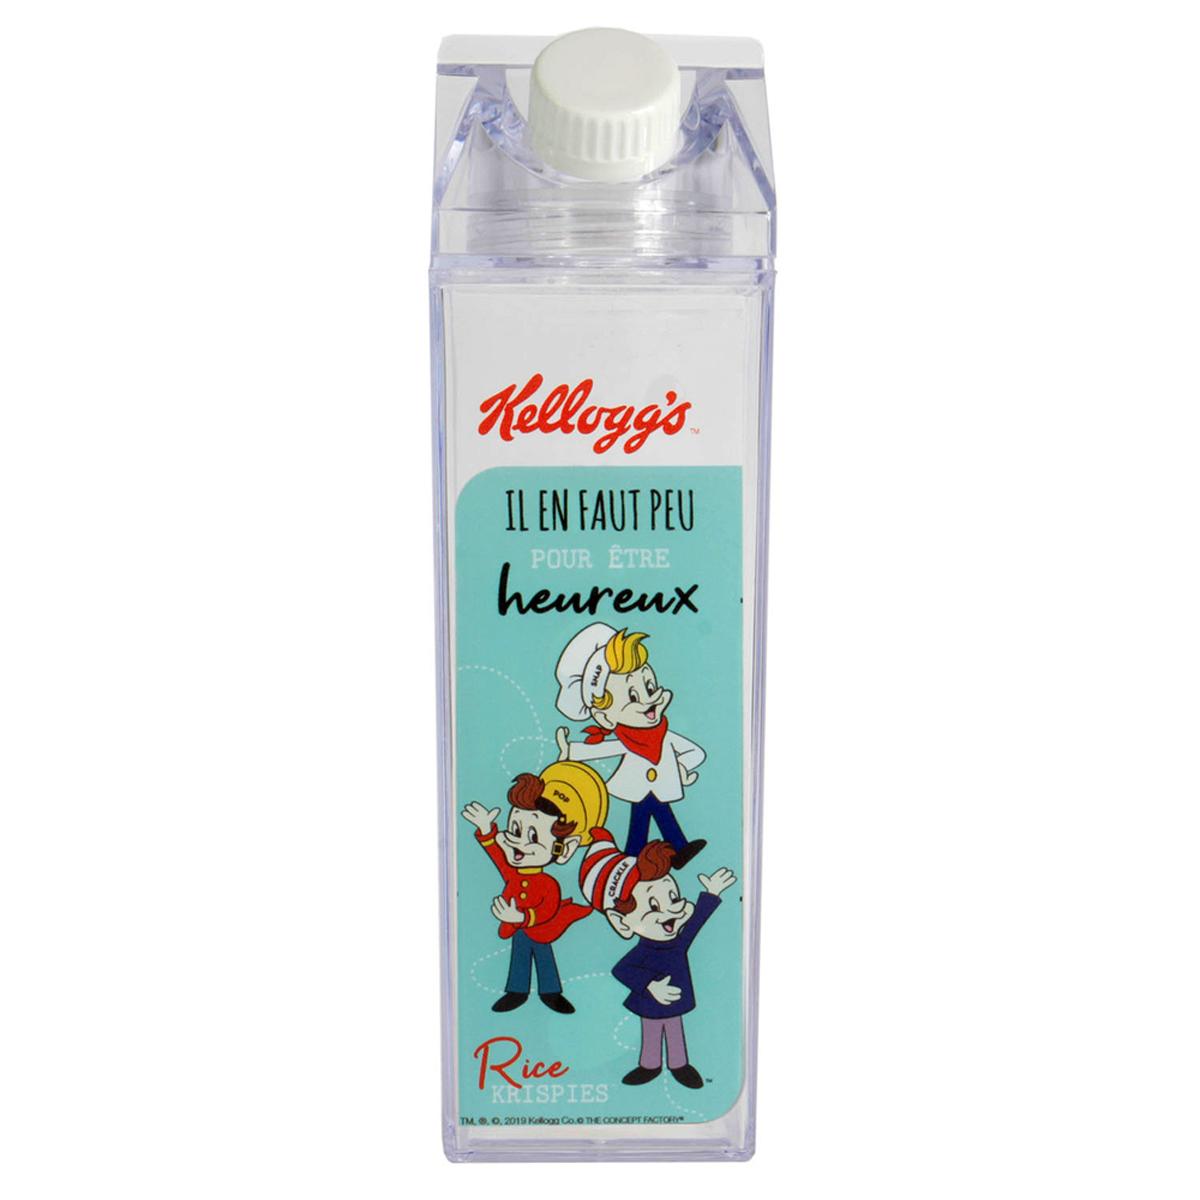 Briquet de lait rétro plastique \'Kellogg\'s\' turquoise - 20x6x6 cm (45 cl) - [A2320]